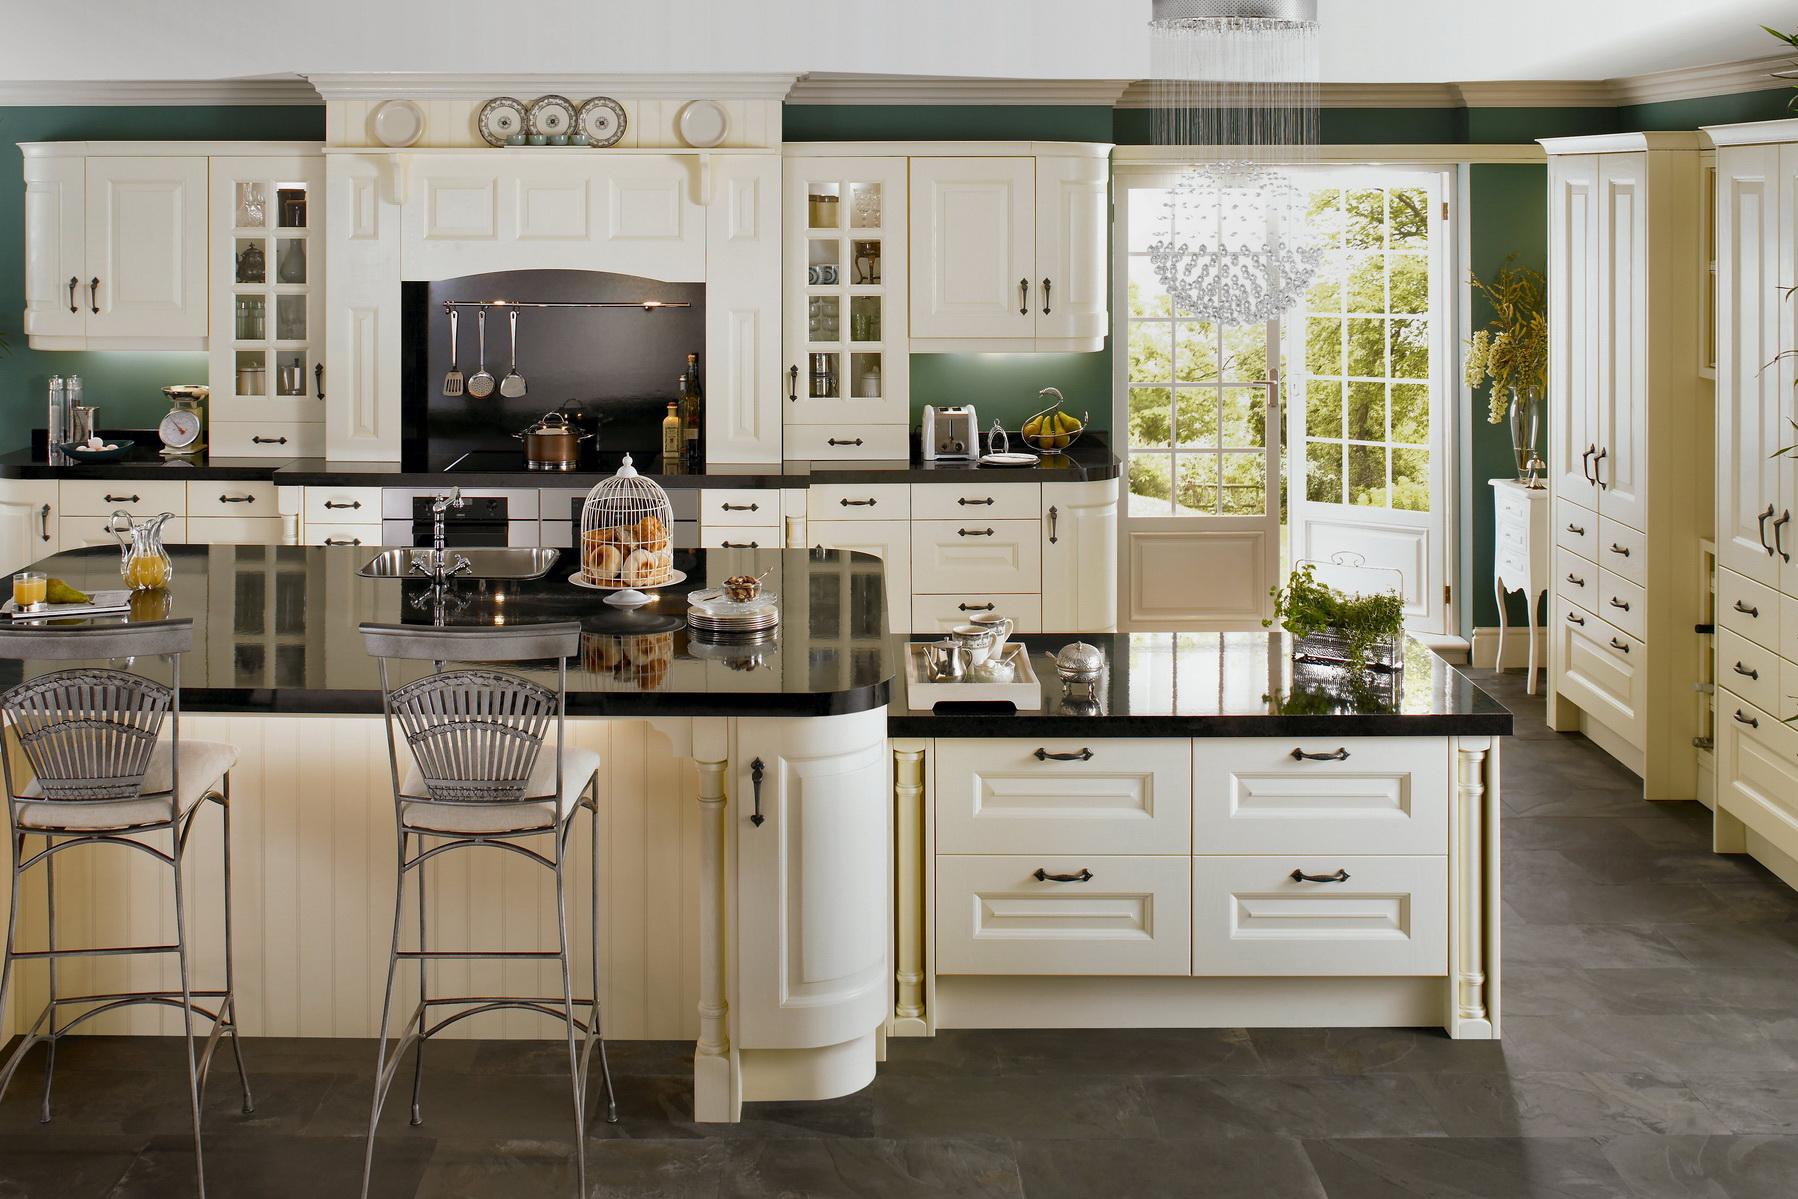 Дизайн интерьера кухни 18 кв. м. (50 фото): планировка и красивые проекты